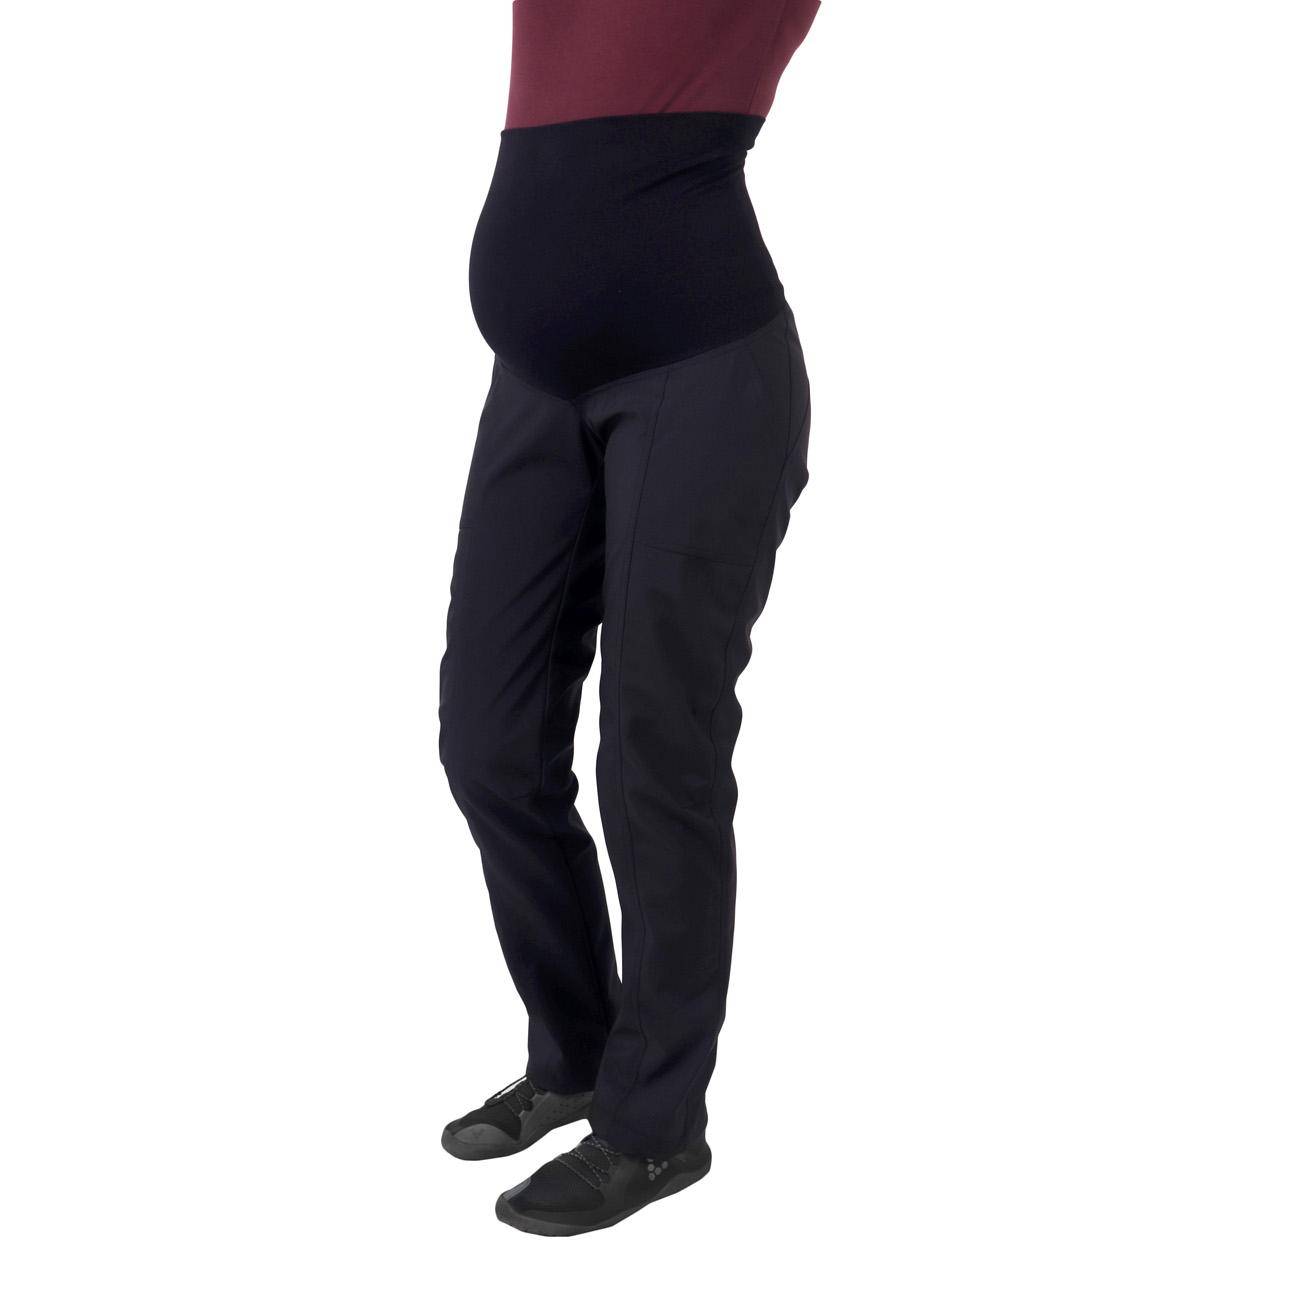 Jarní/letní těhotenské softshellové kalhoty liva, černé, 40 prodloužené